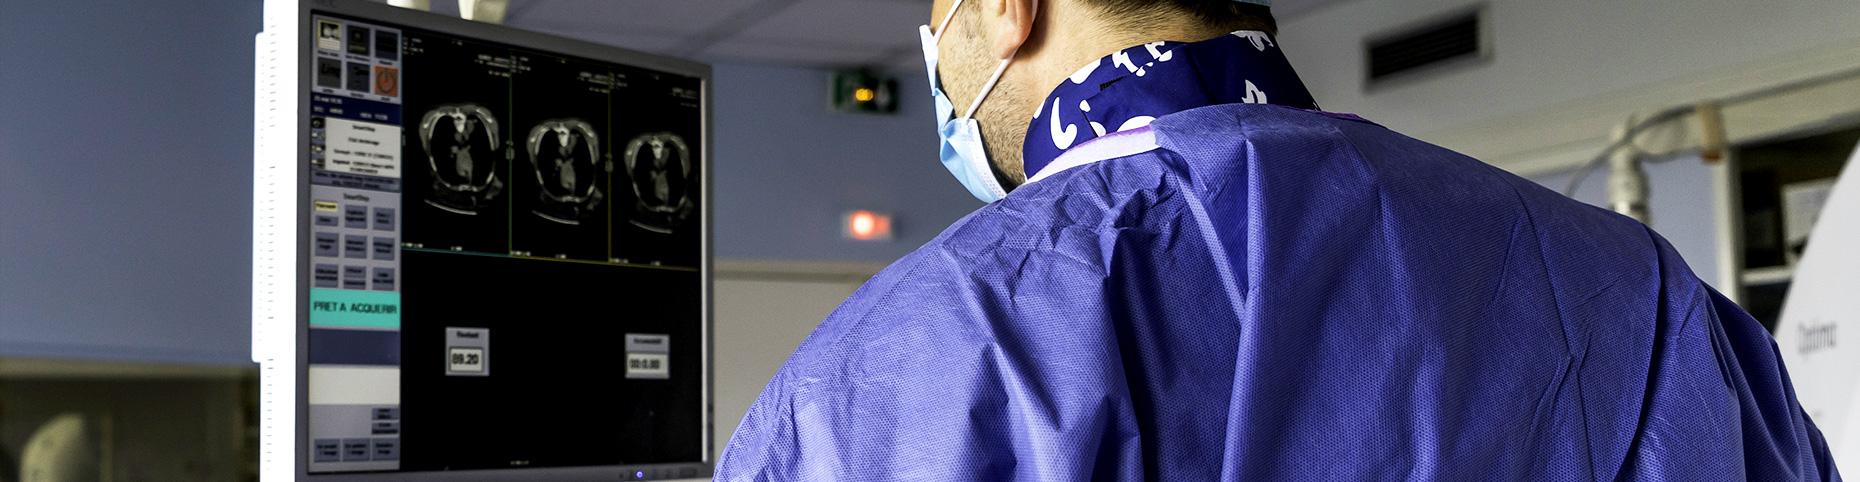 M decins demande d 39 imagerie en ligne sur nancy cabinet de radiologie rx125 centre jacques - Cabinet radiologie nancy ...